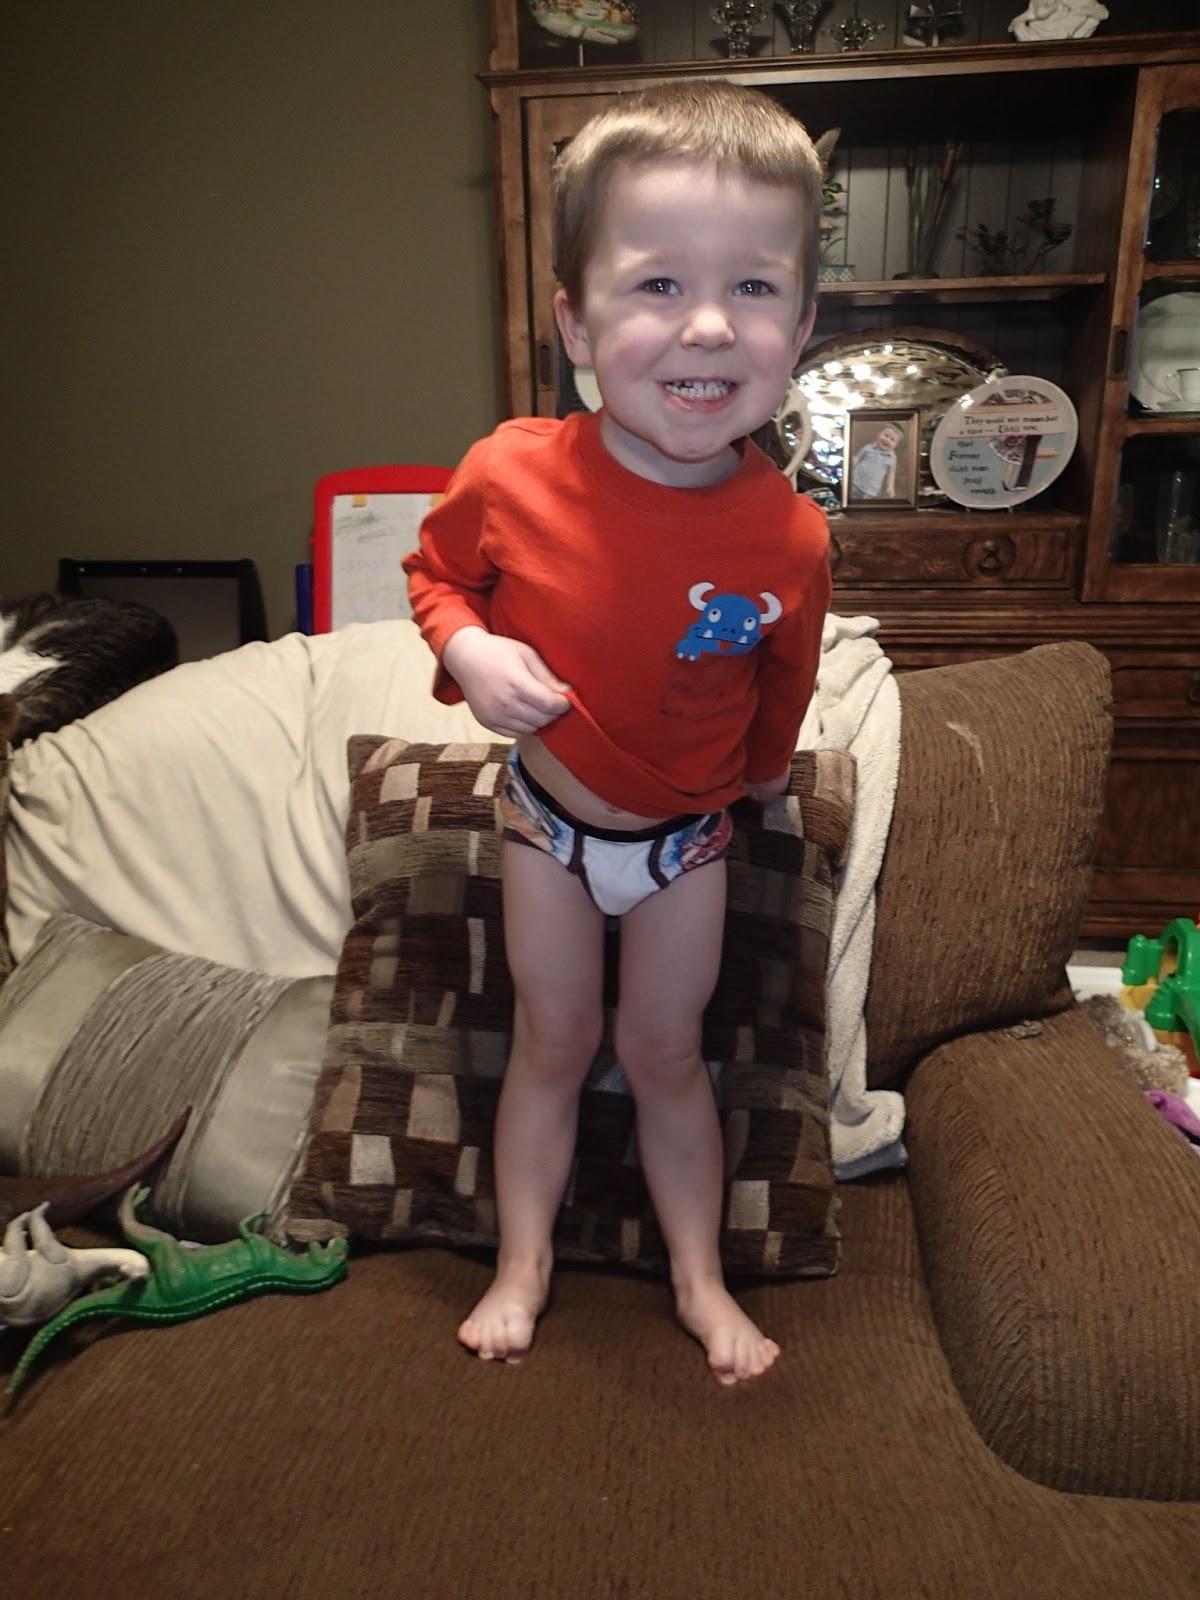 Toddler boy peeing everywhere